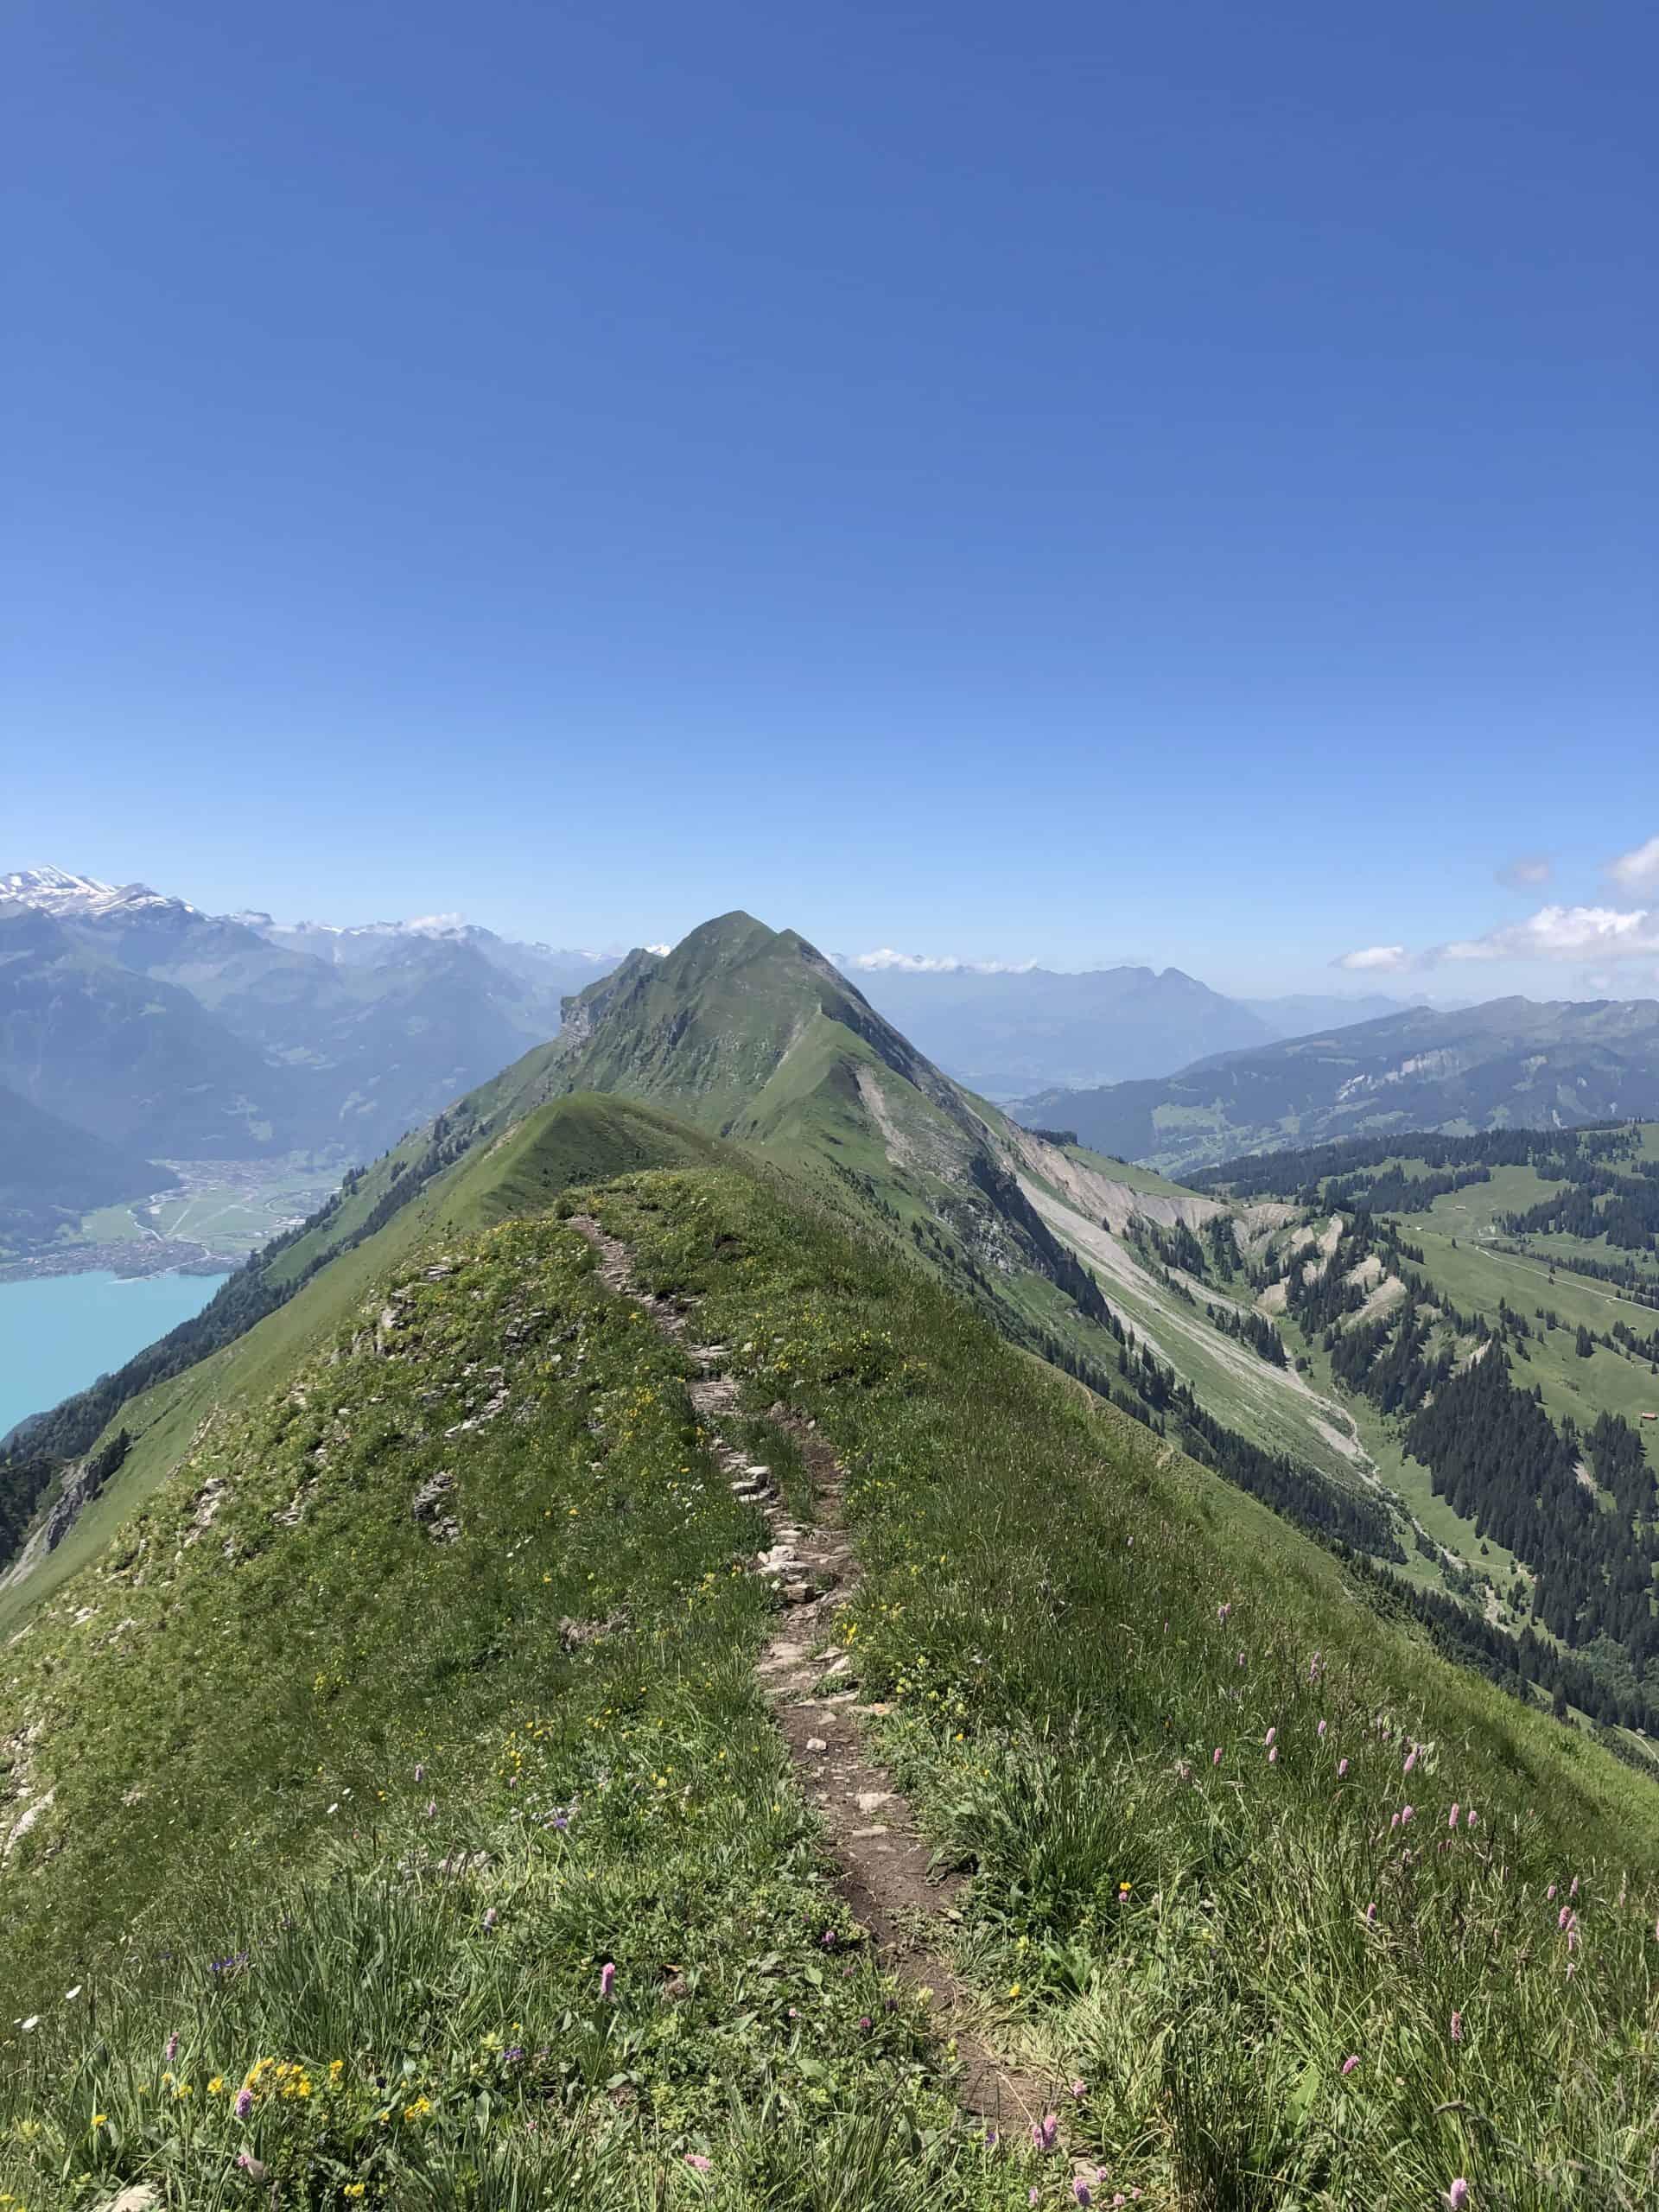 IMG 6152 scaled - Brienzer Gratwanderung - ein schmaler Grat